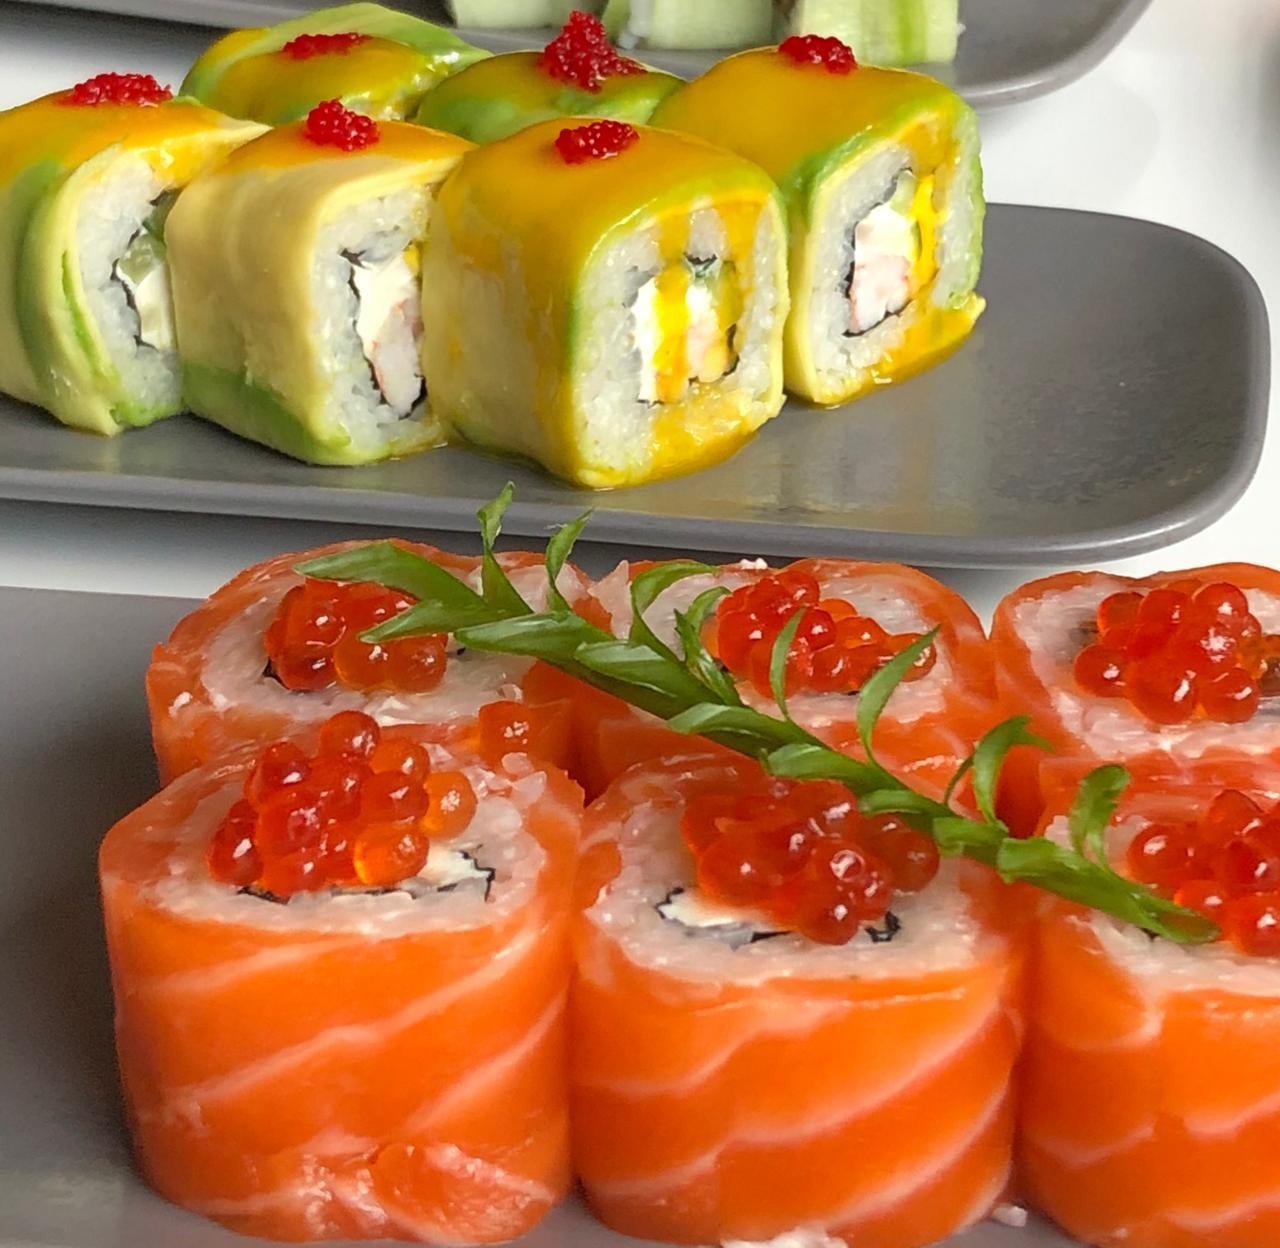 Хит фестиваля «Дружба народов» — роллы с лососем и сливочным сыром с красной икрой